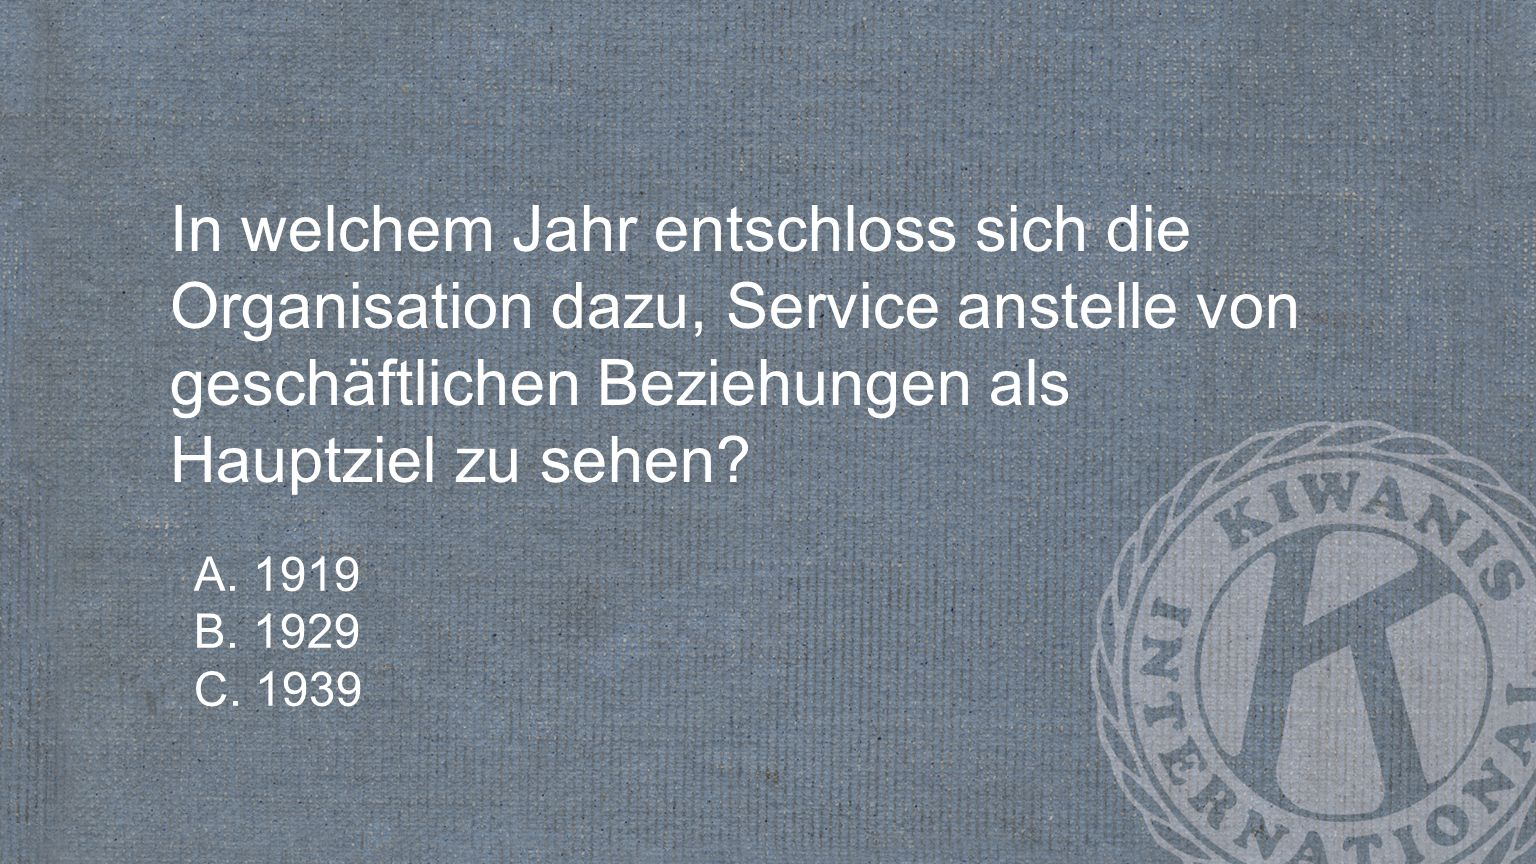 In welchem Jahr entschloss sich die Organisation dazu, Service anstelle von geschäftlichen Beziehungen als Hauptziel zu sehen.